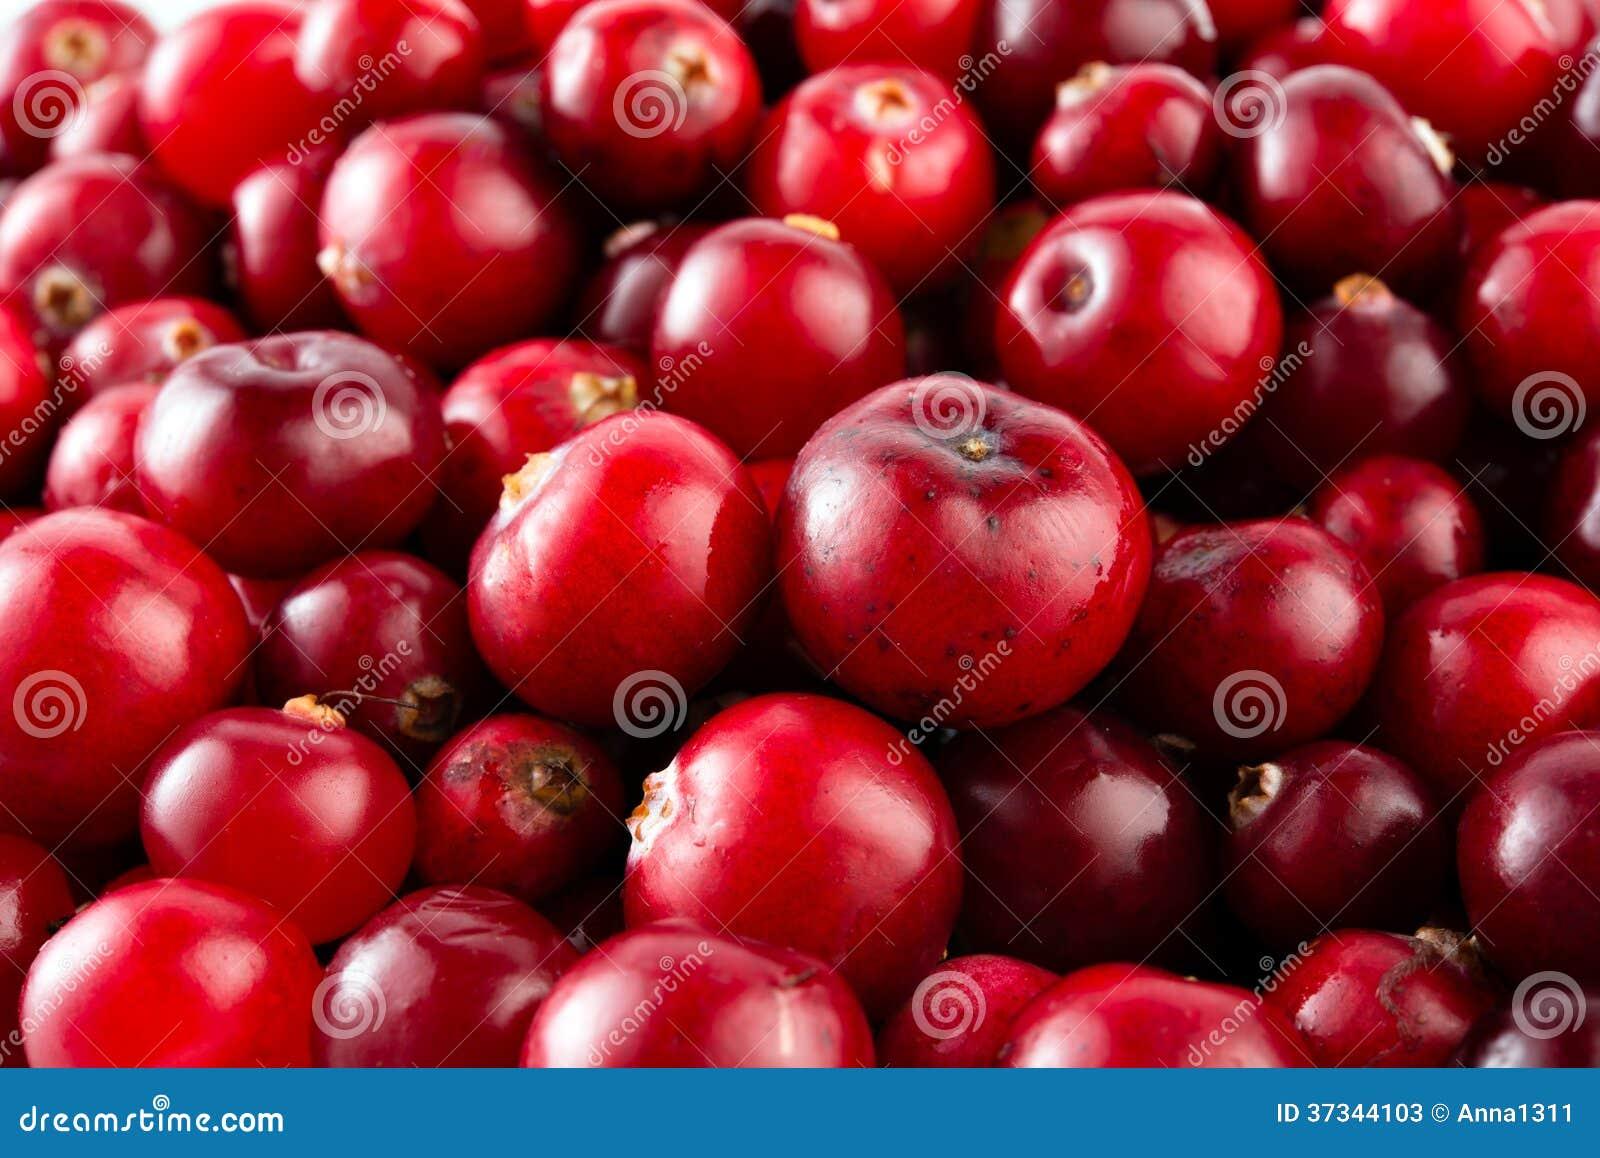 宏观红色成熟的蔓越桔。